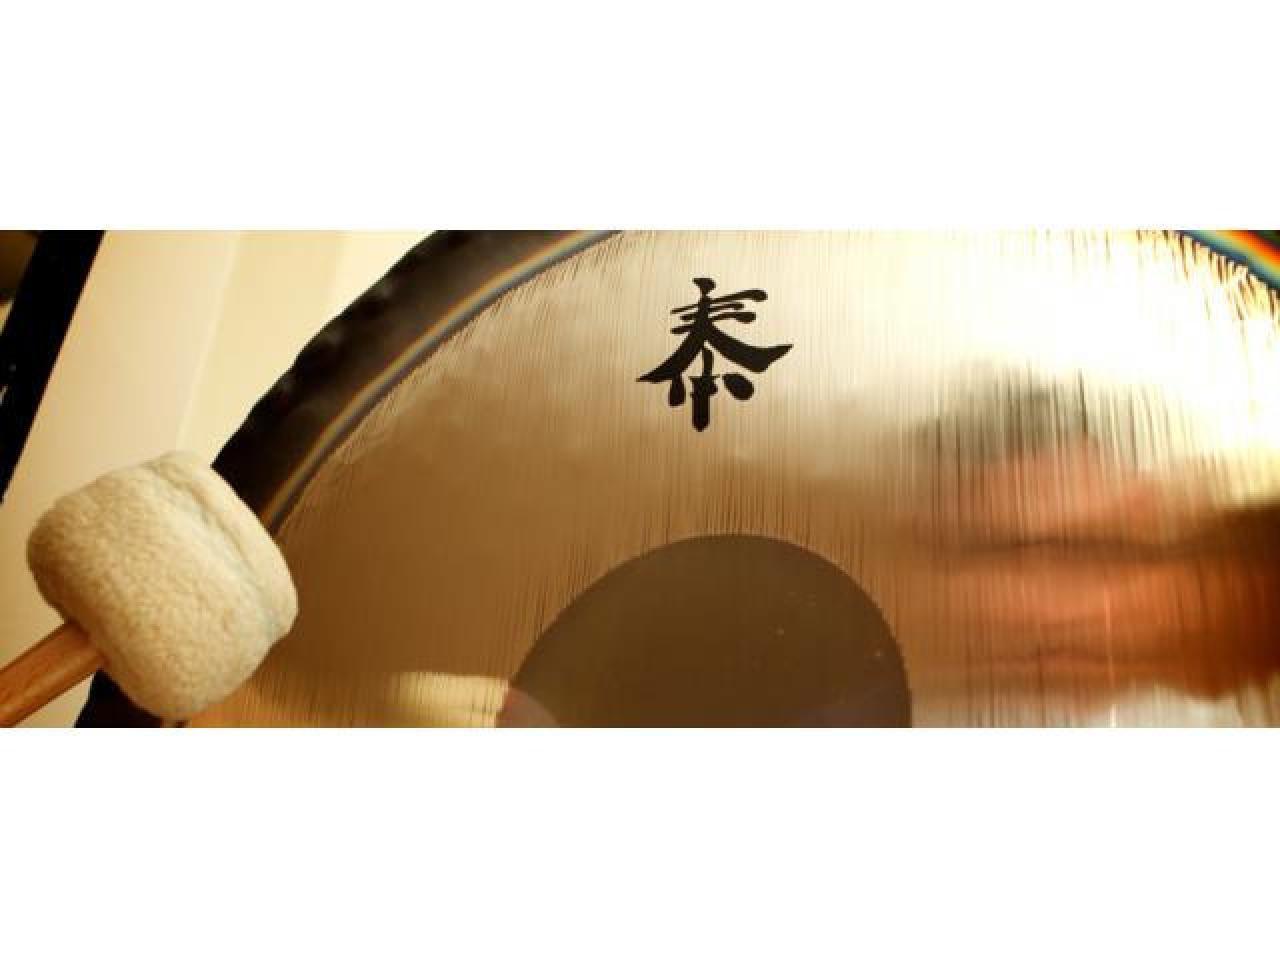 Отдых/медитация в звуках гонга - 1